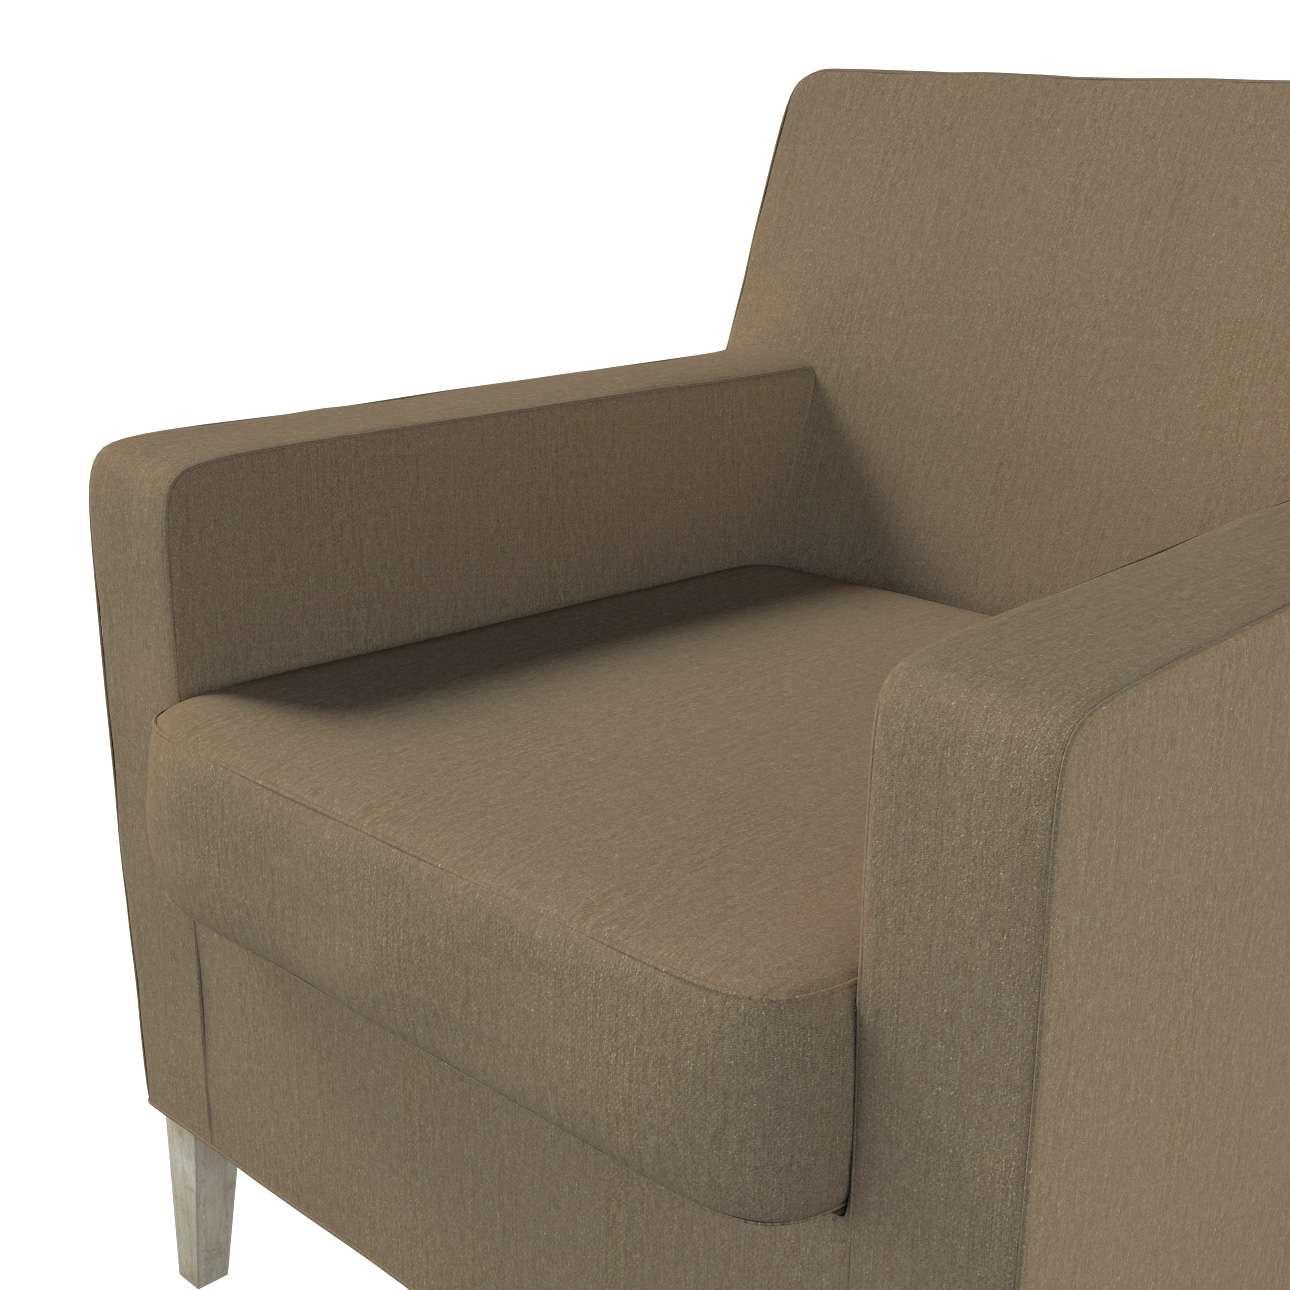 Pokrowiec na fotel Karlstad w kolekcji Chenille, tkanina: 702-21